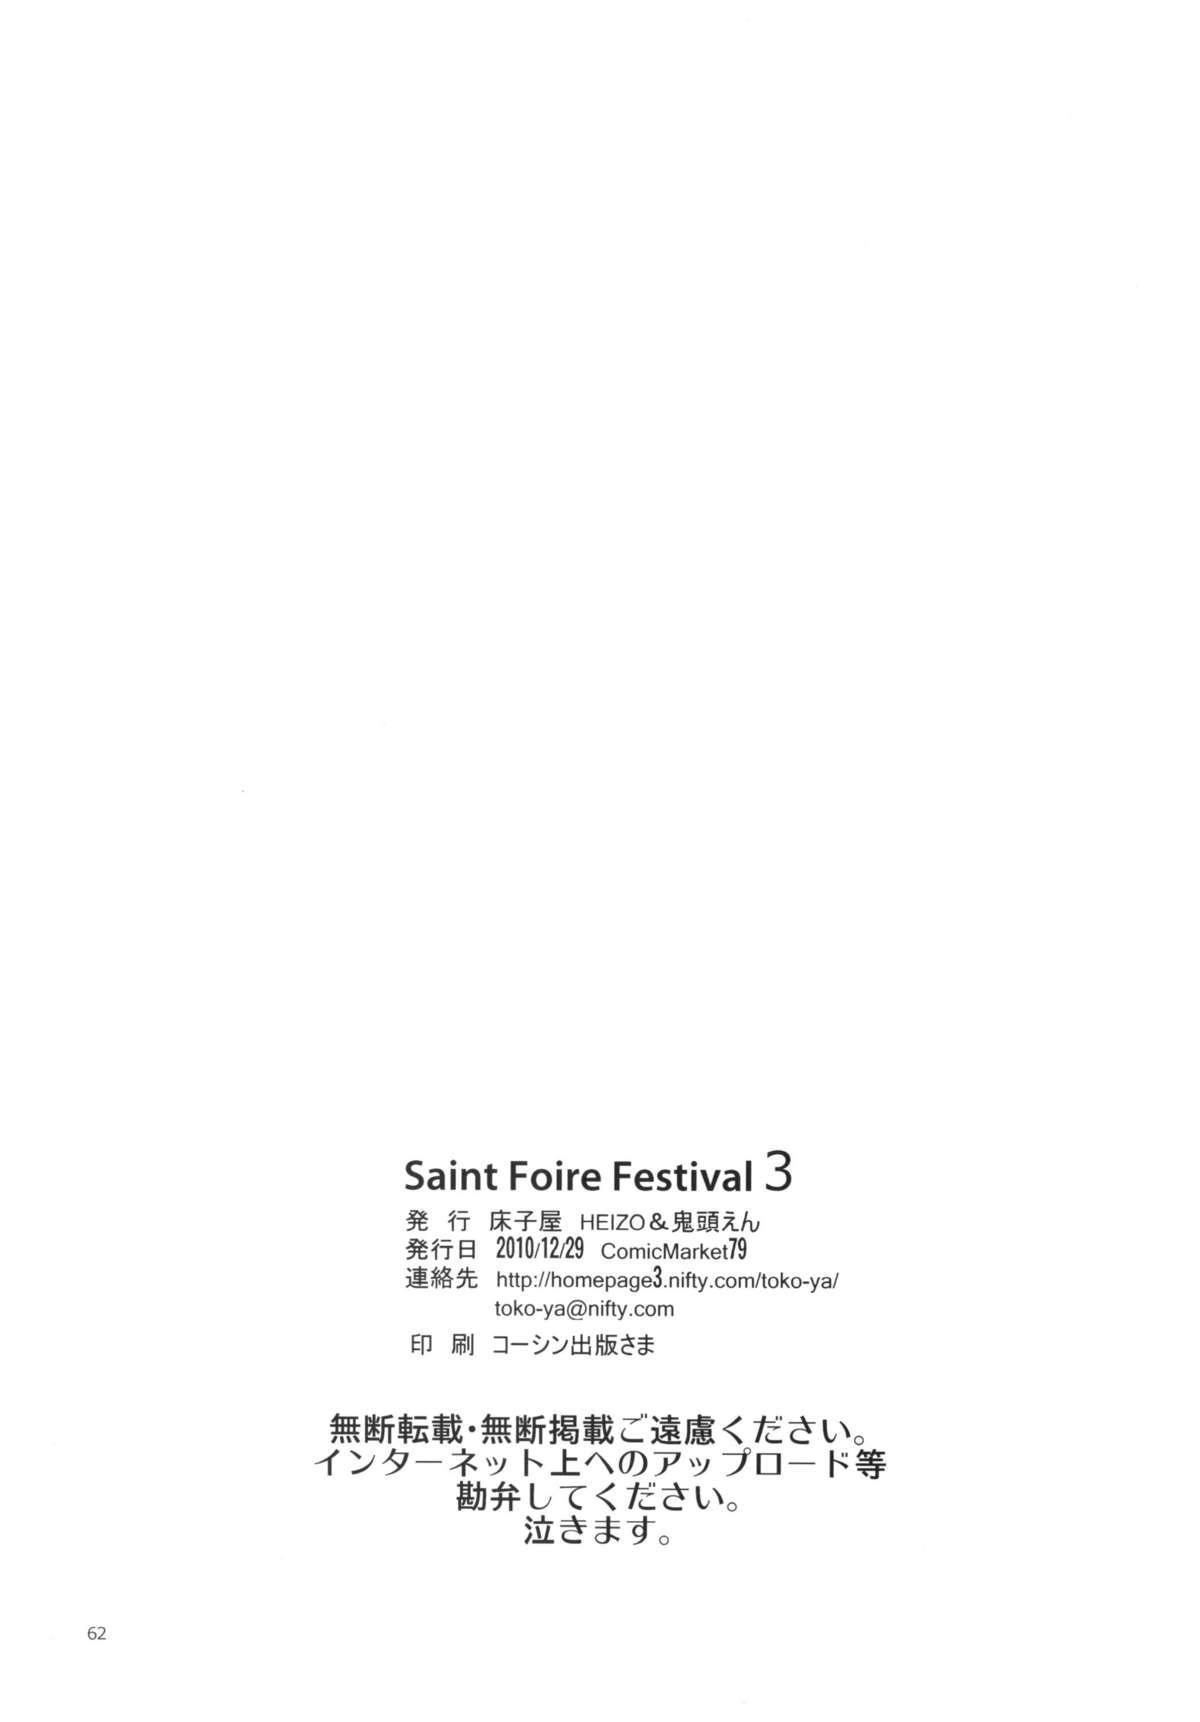 Saint Foire Festival 3 61